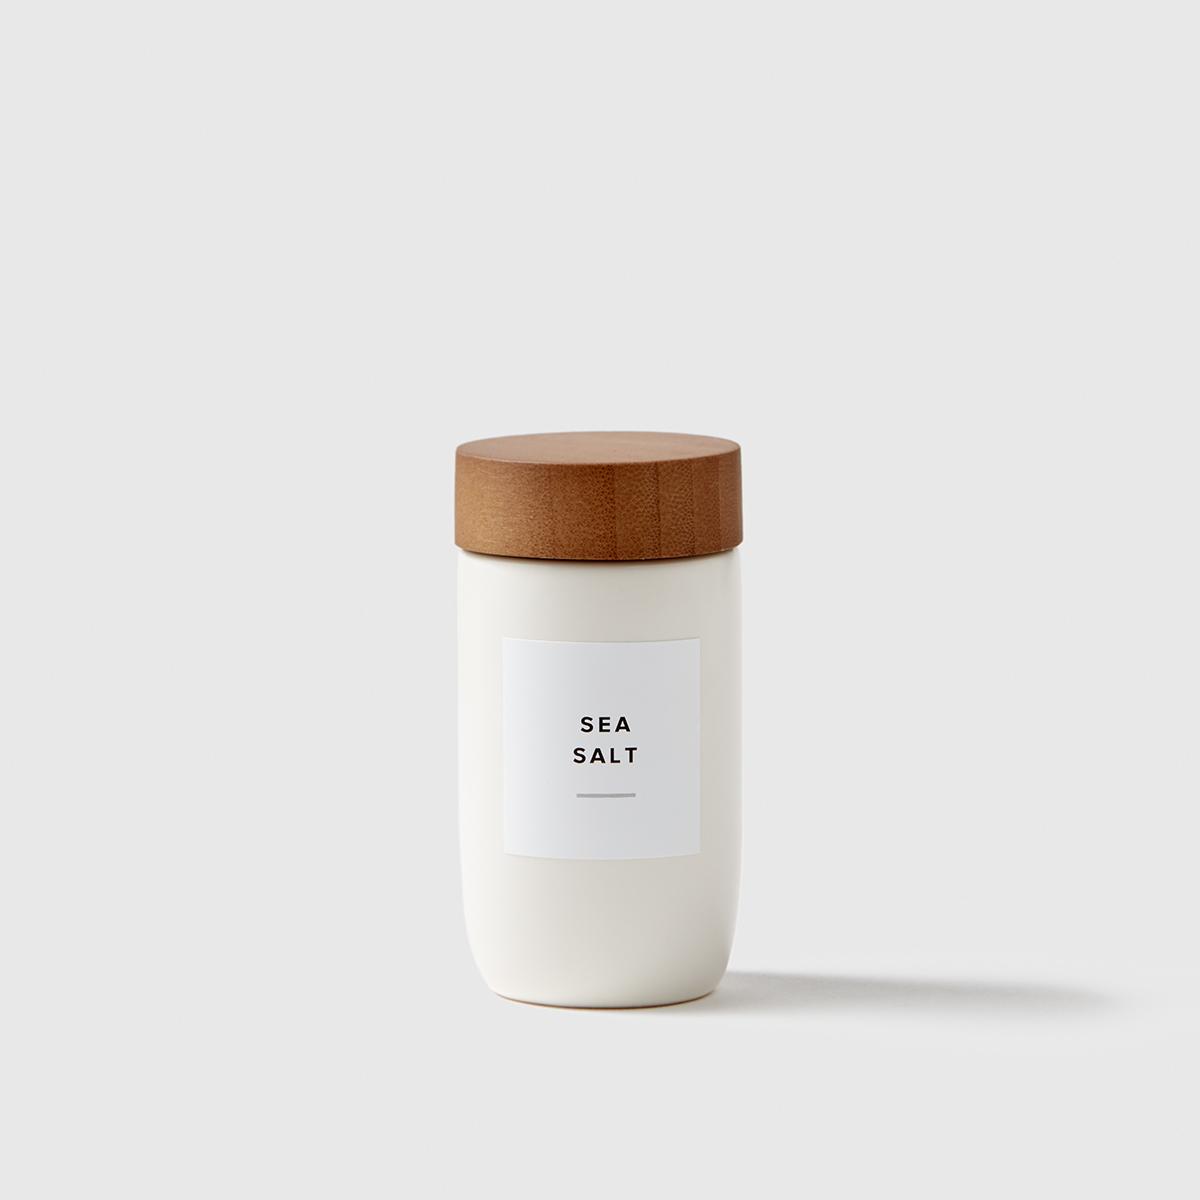 Marie Kondo Spice Bottle Labels